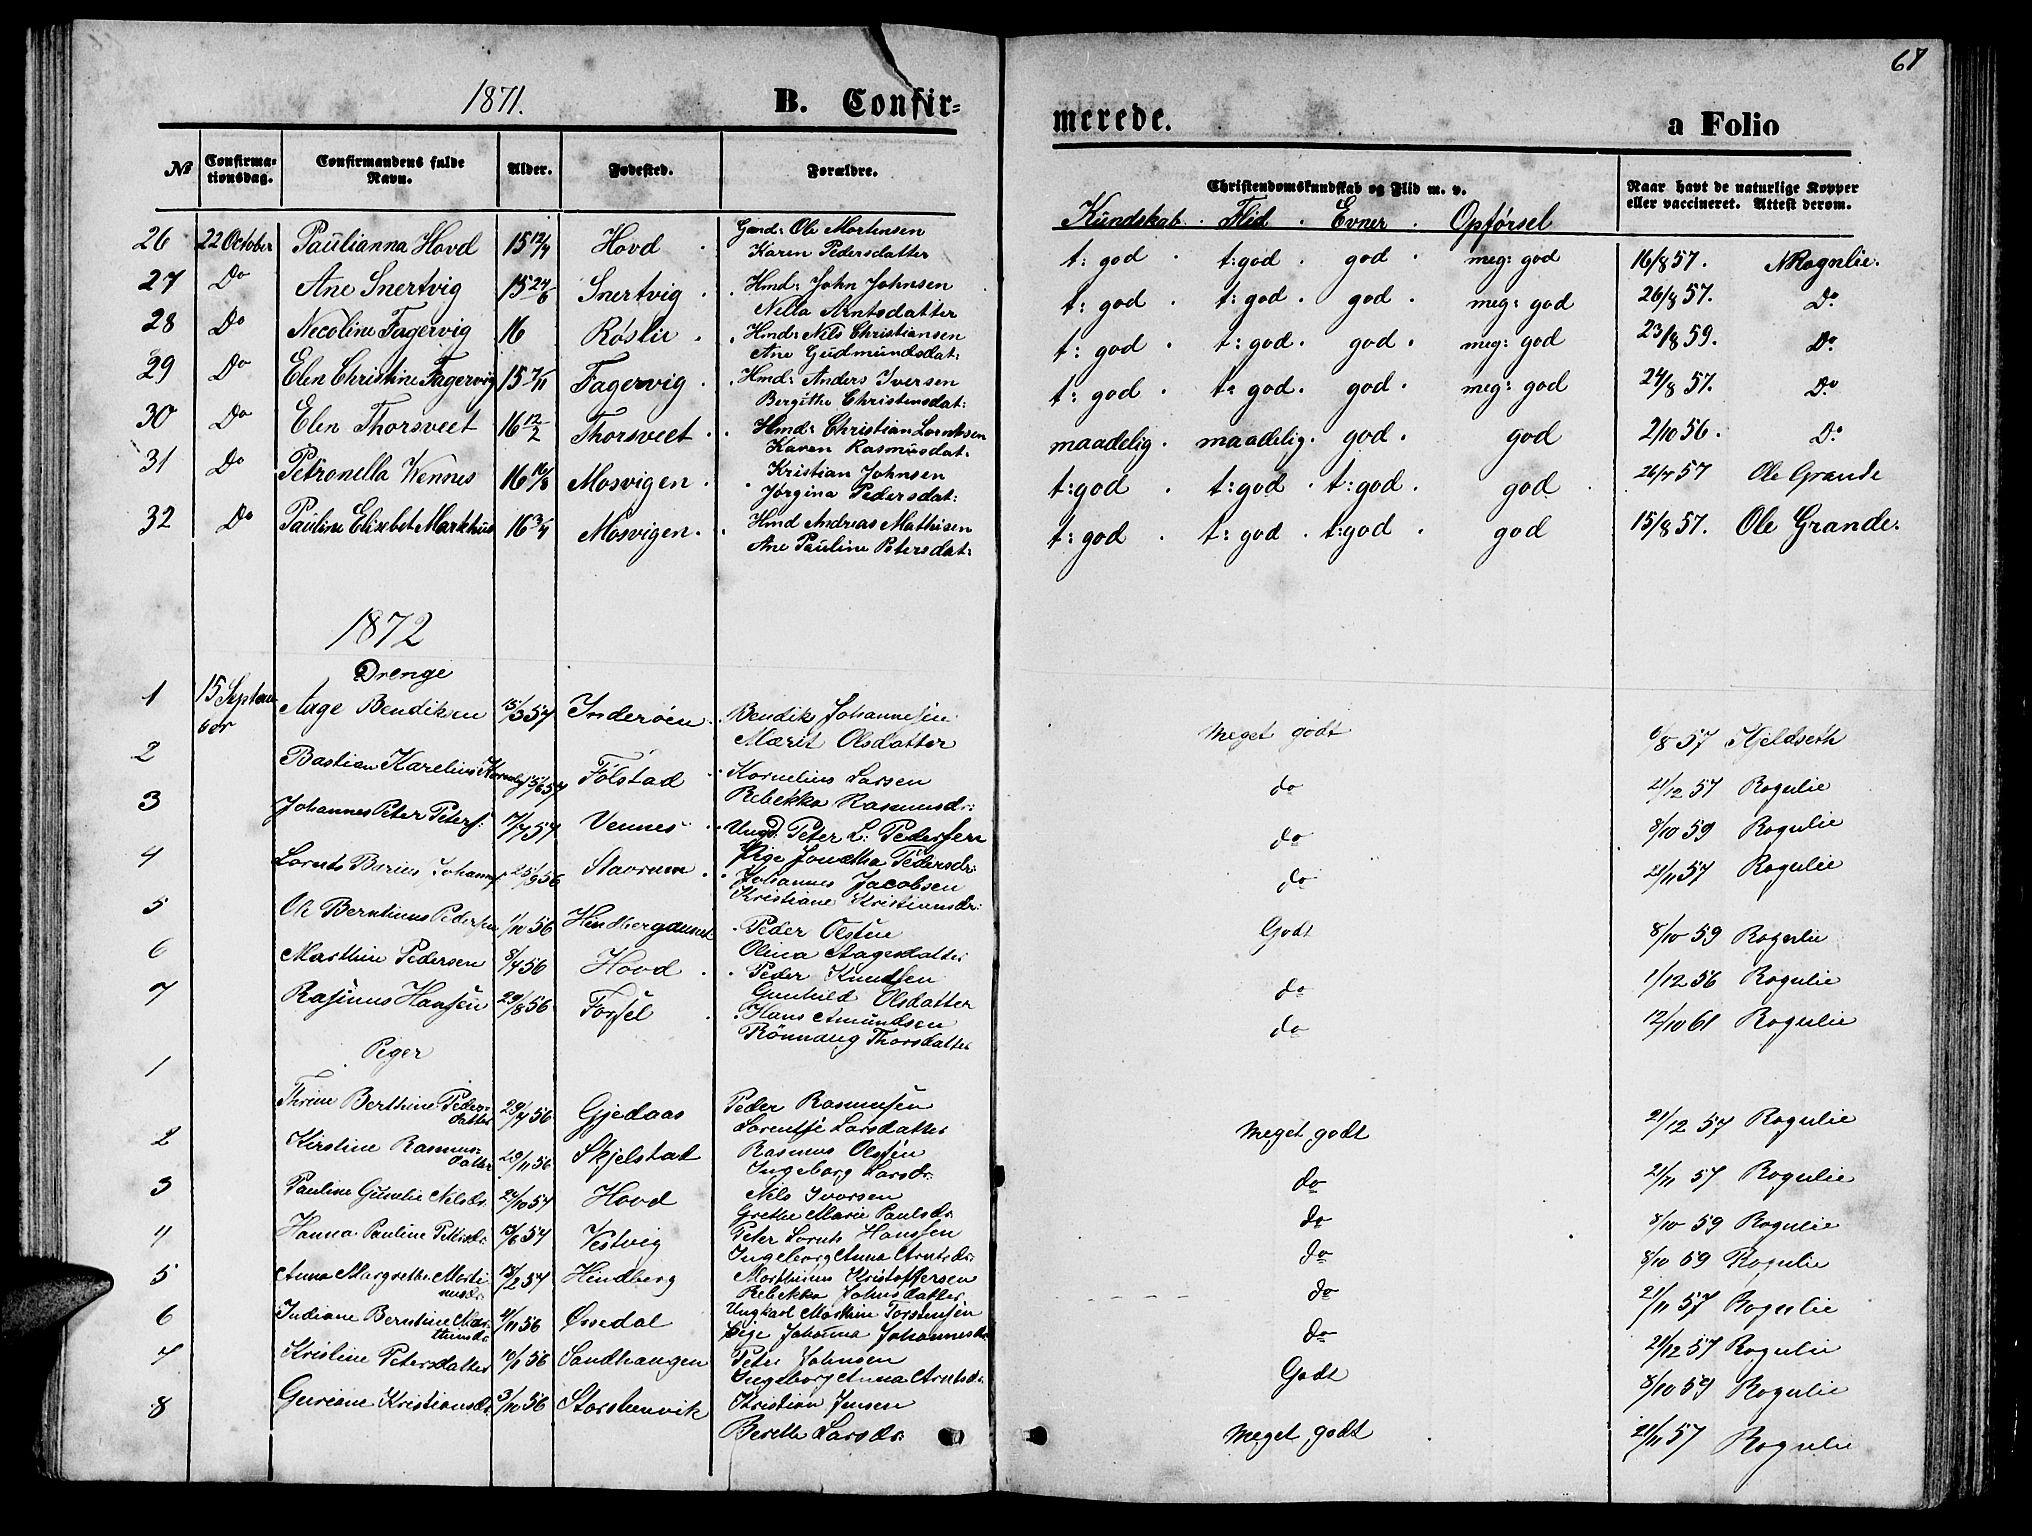 SAT, Ministerialprotokoller, klokkerbøker og fødselsregistre - Nord-Trøndelag, 744/L0422: Klokkerbok nr. 744C01, 1871-1885, s. 67